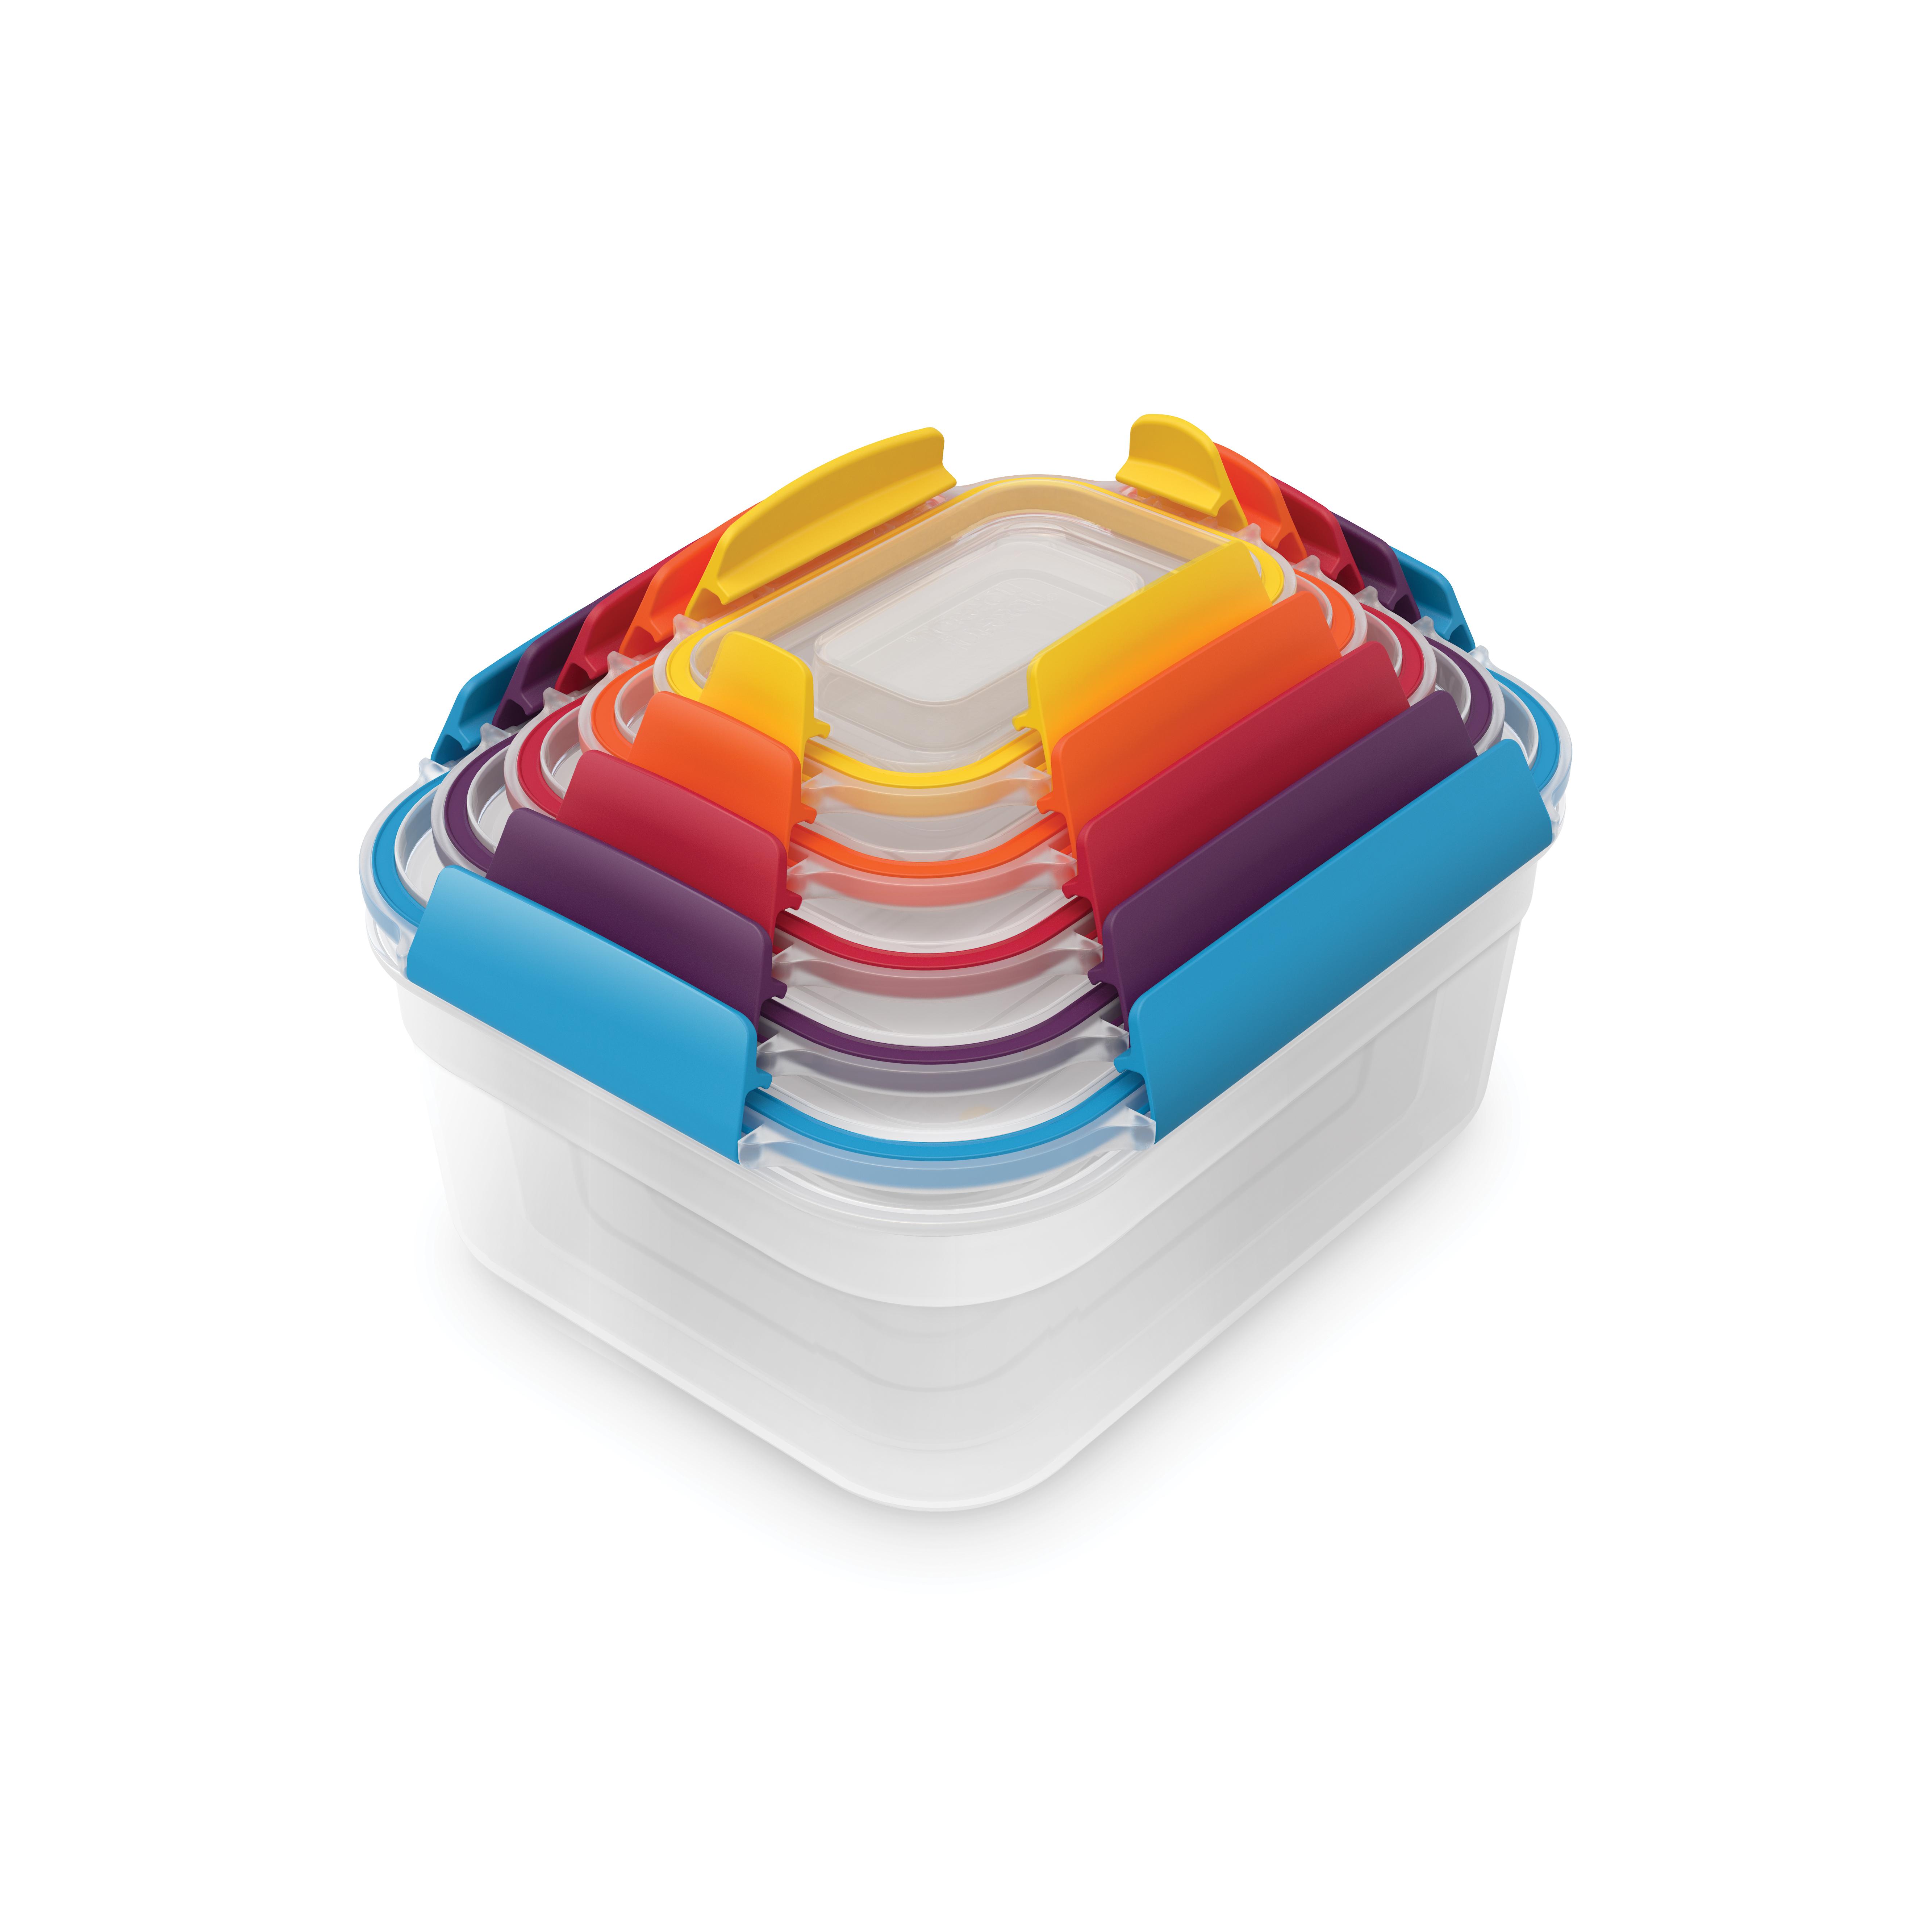 JJ_Nest_Lock_5-Piece_Storage_Container_Set_(81081)_R2